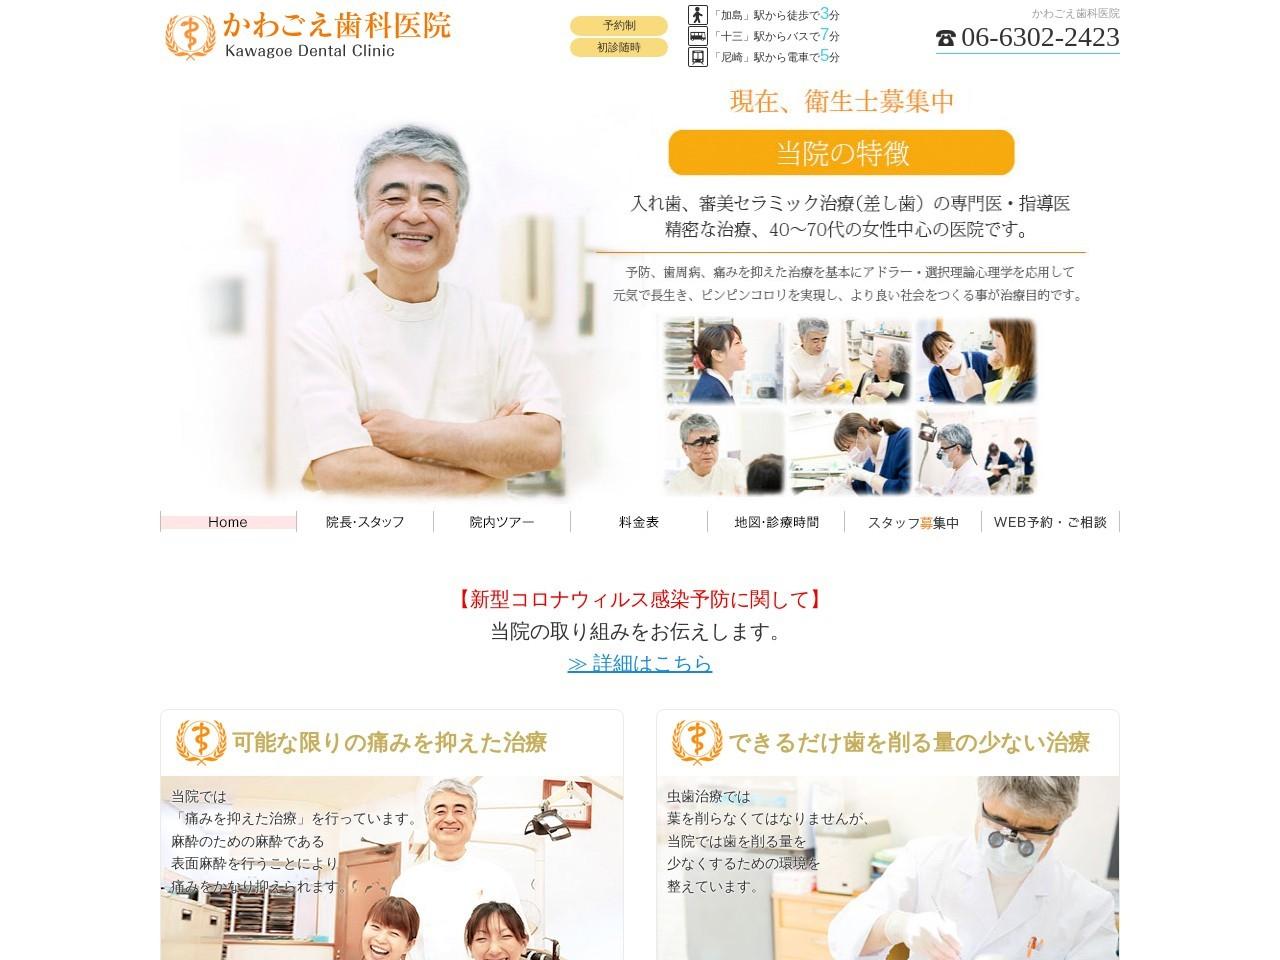 かわごえ歯科医院 (大阪府大阪市淀川区)